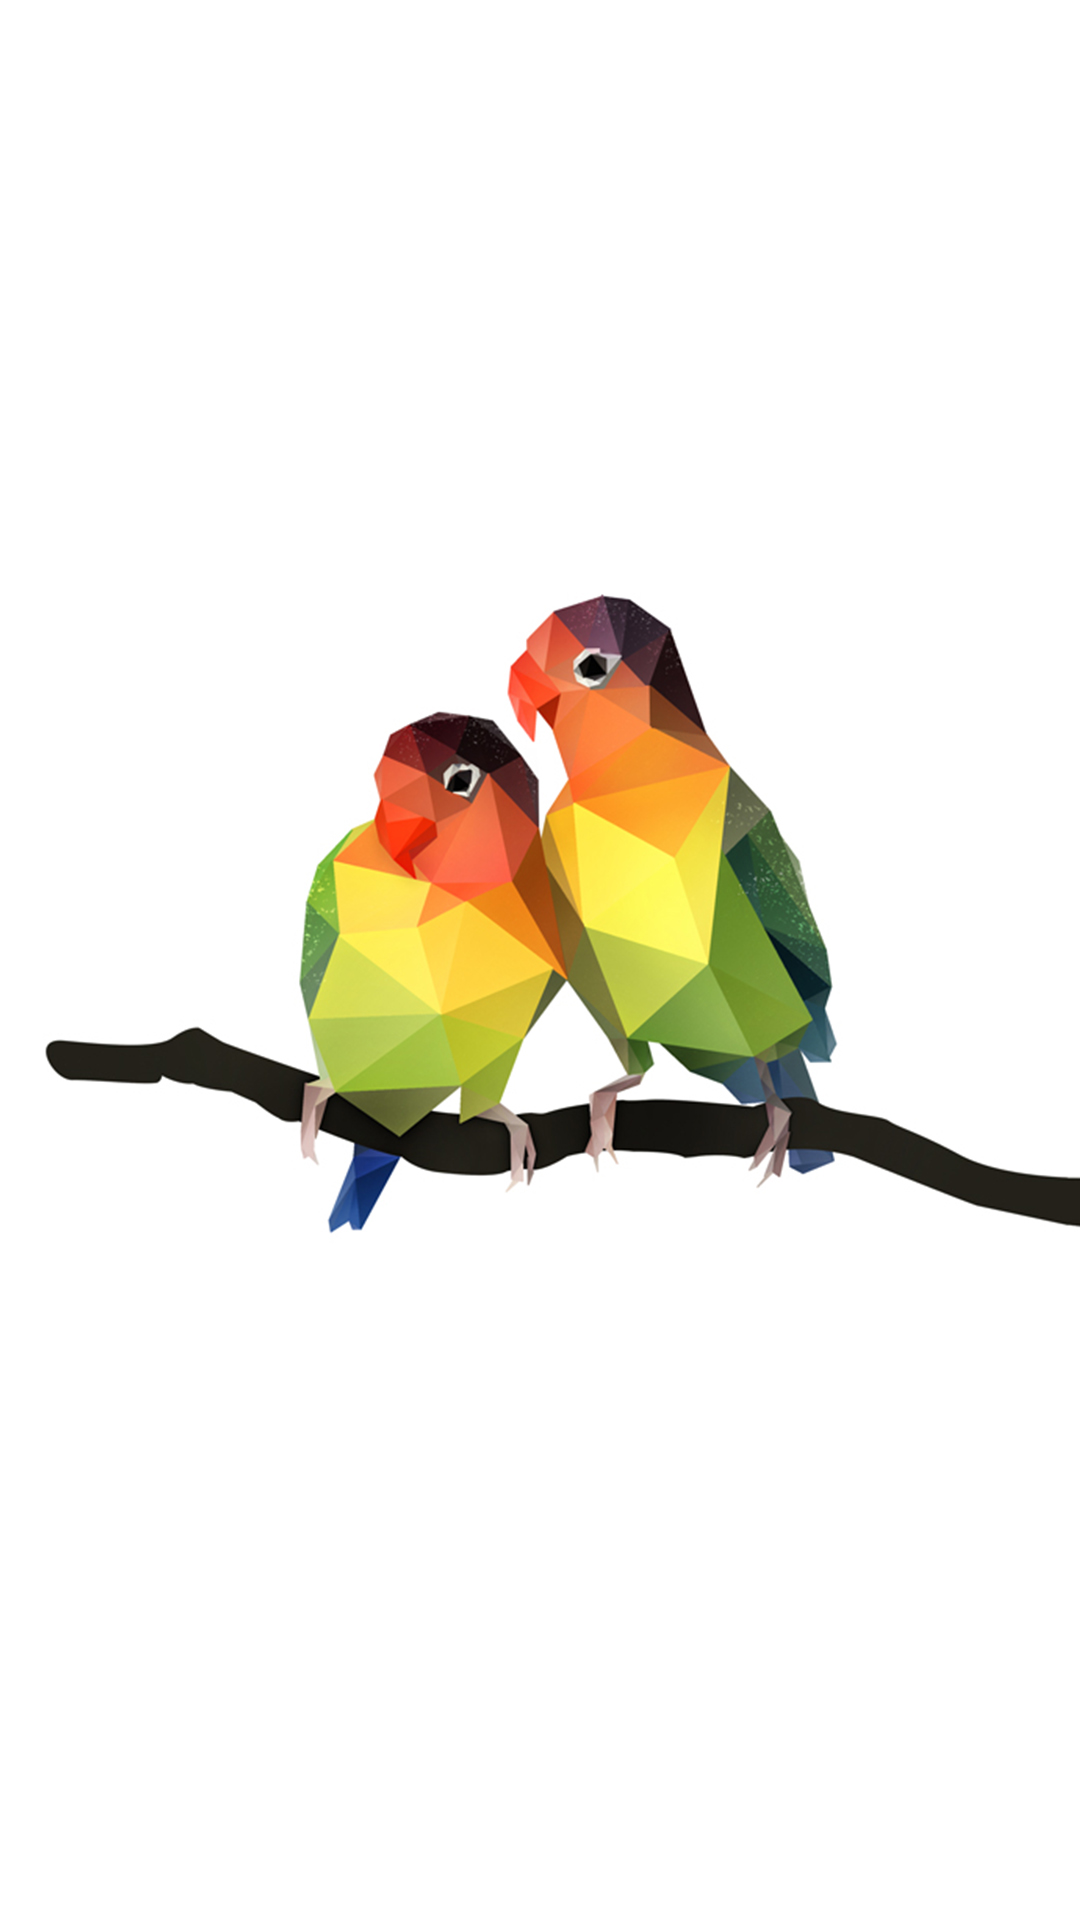 创意卡通动物 鹦鹉 几何构成